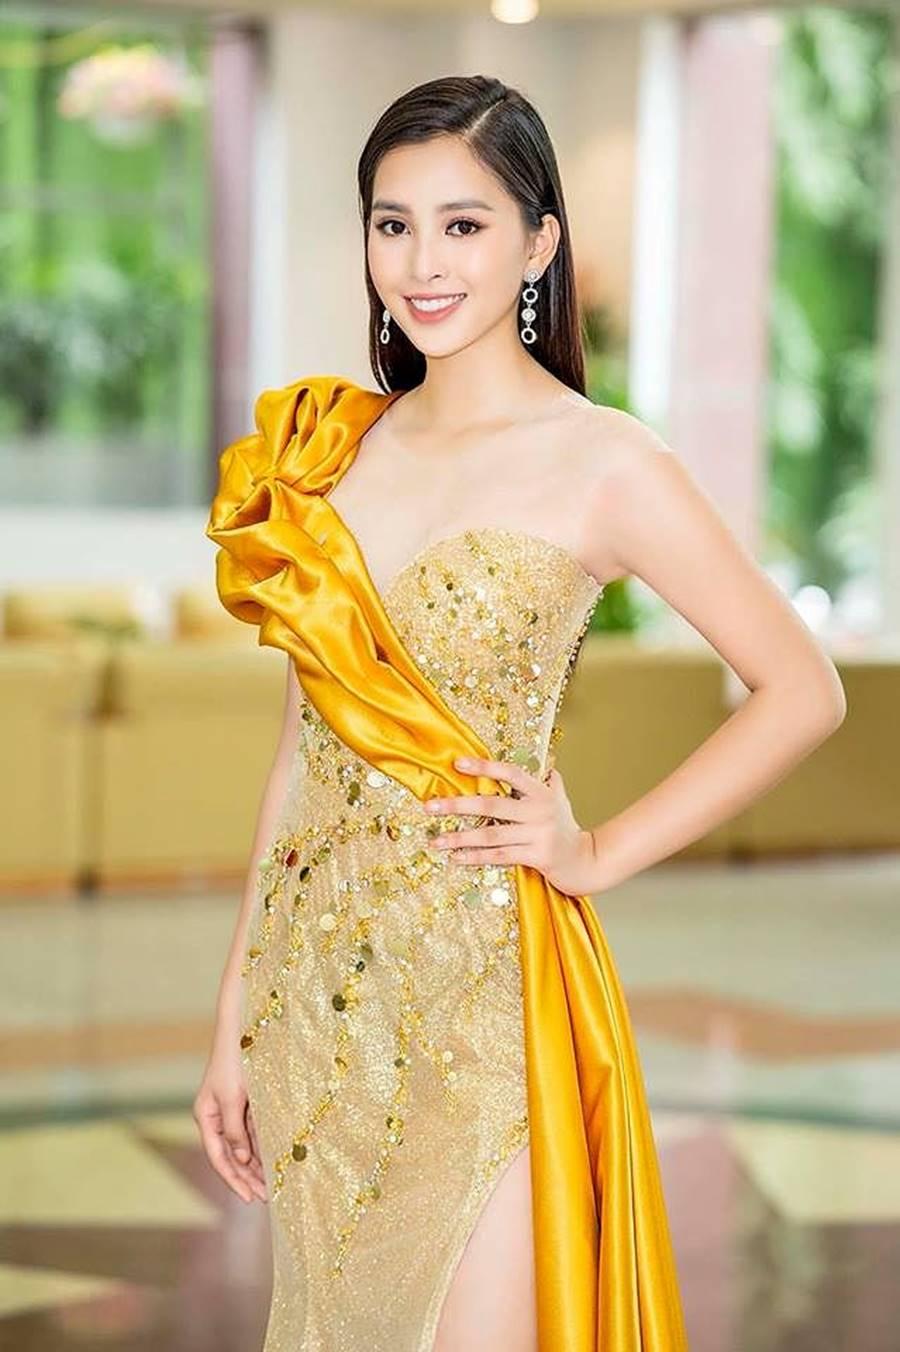 Hoa hậu Tiểu Vy, Á hậu Phương Nga đốn tim fans với váy áo lộng lẫy-3